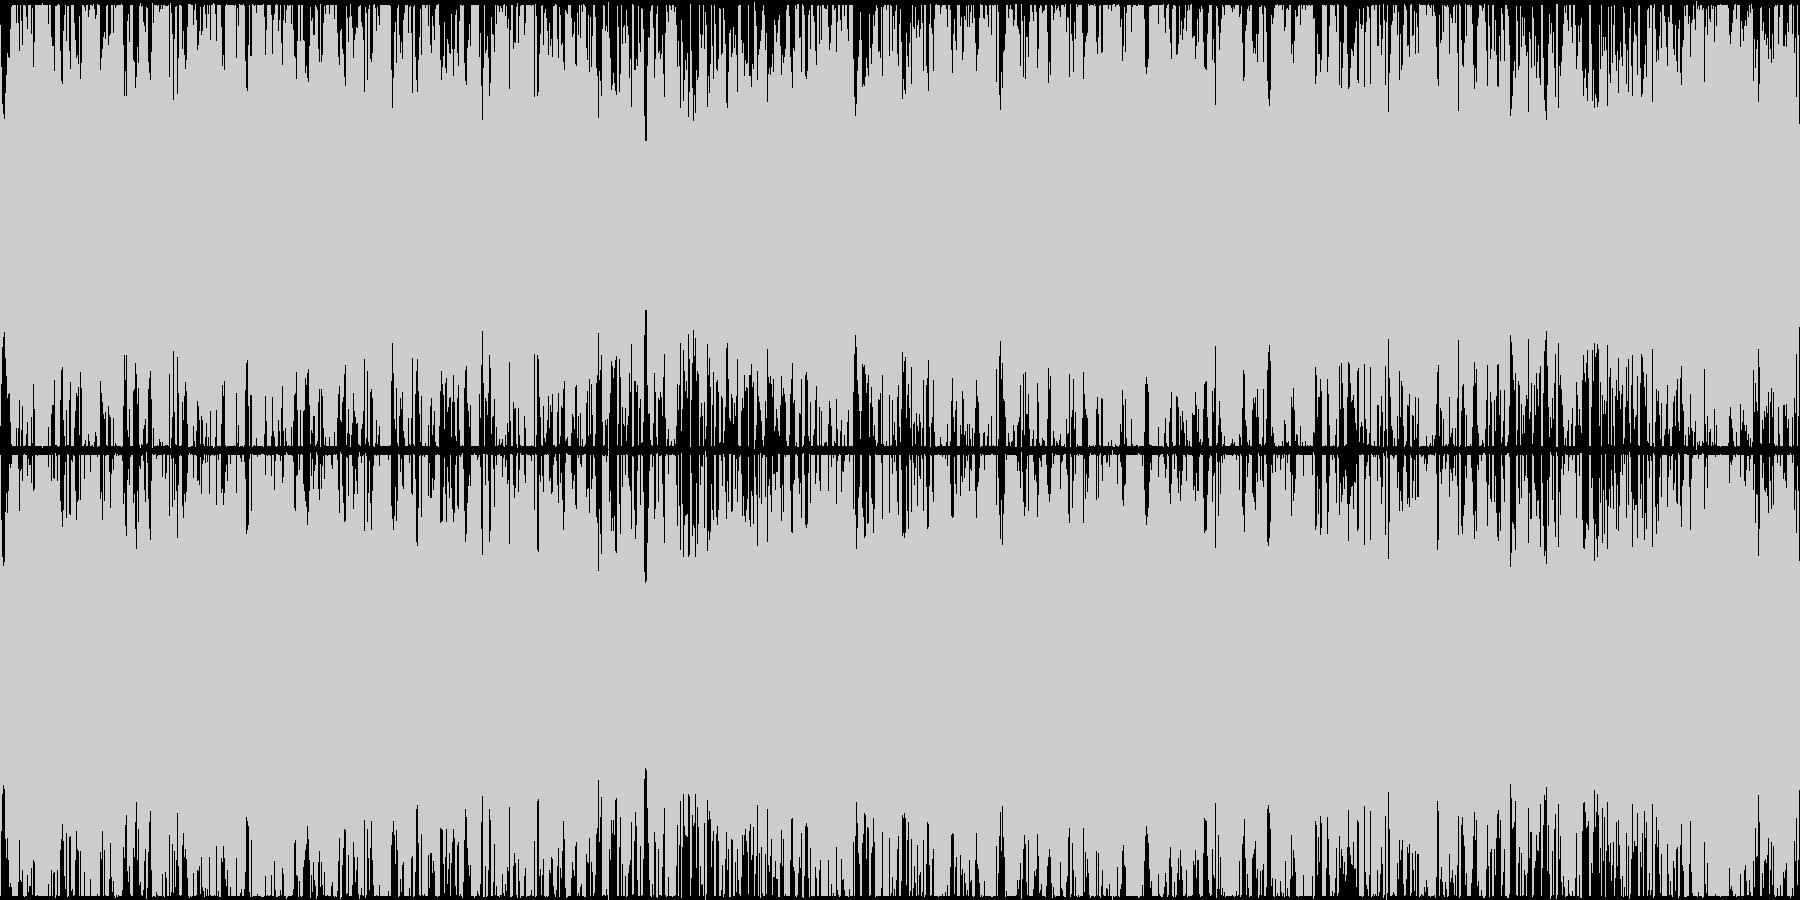 幻想的なシンセとピアノのポップスです。の未再生の波形